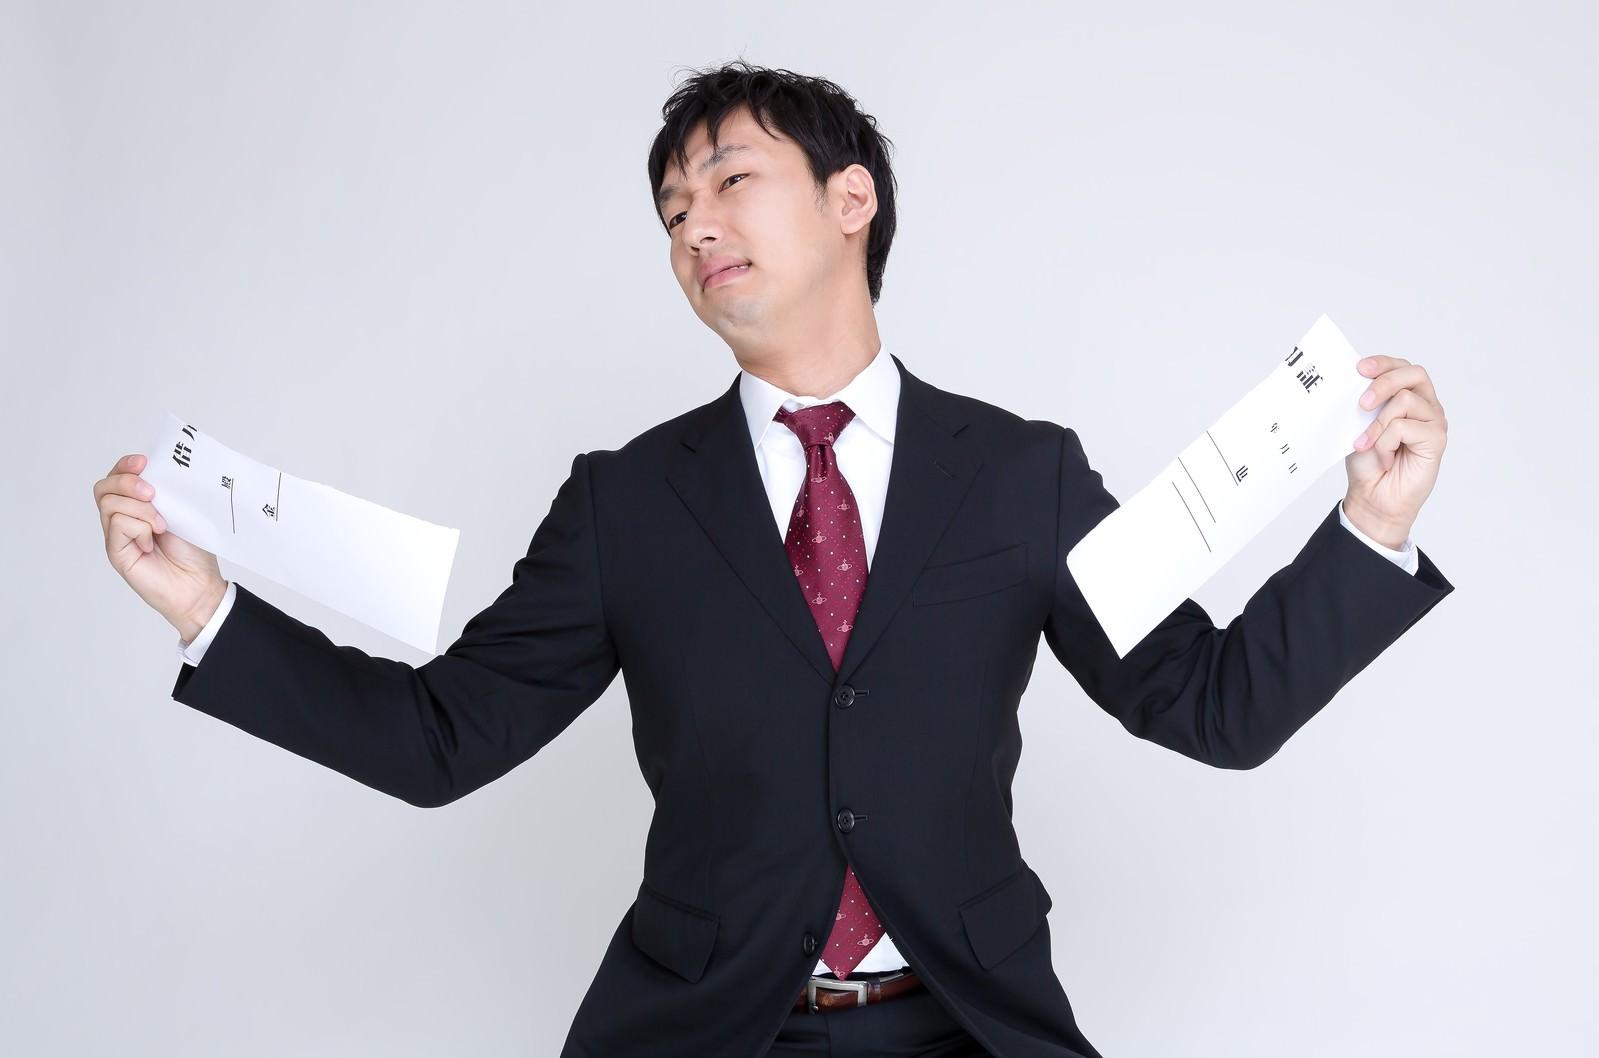 「簡素な借用証を力いっぱい引き裂くスーツ姿の男性」の写真[モデル:大川竜弥]